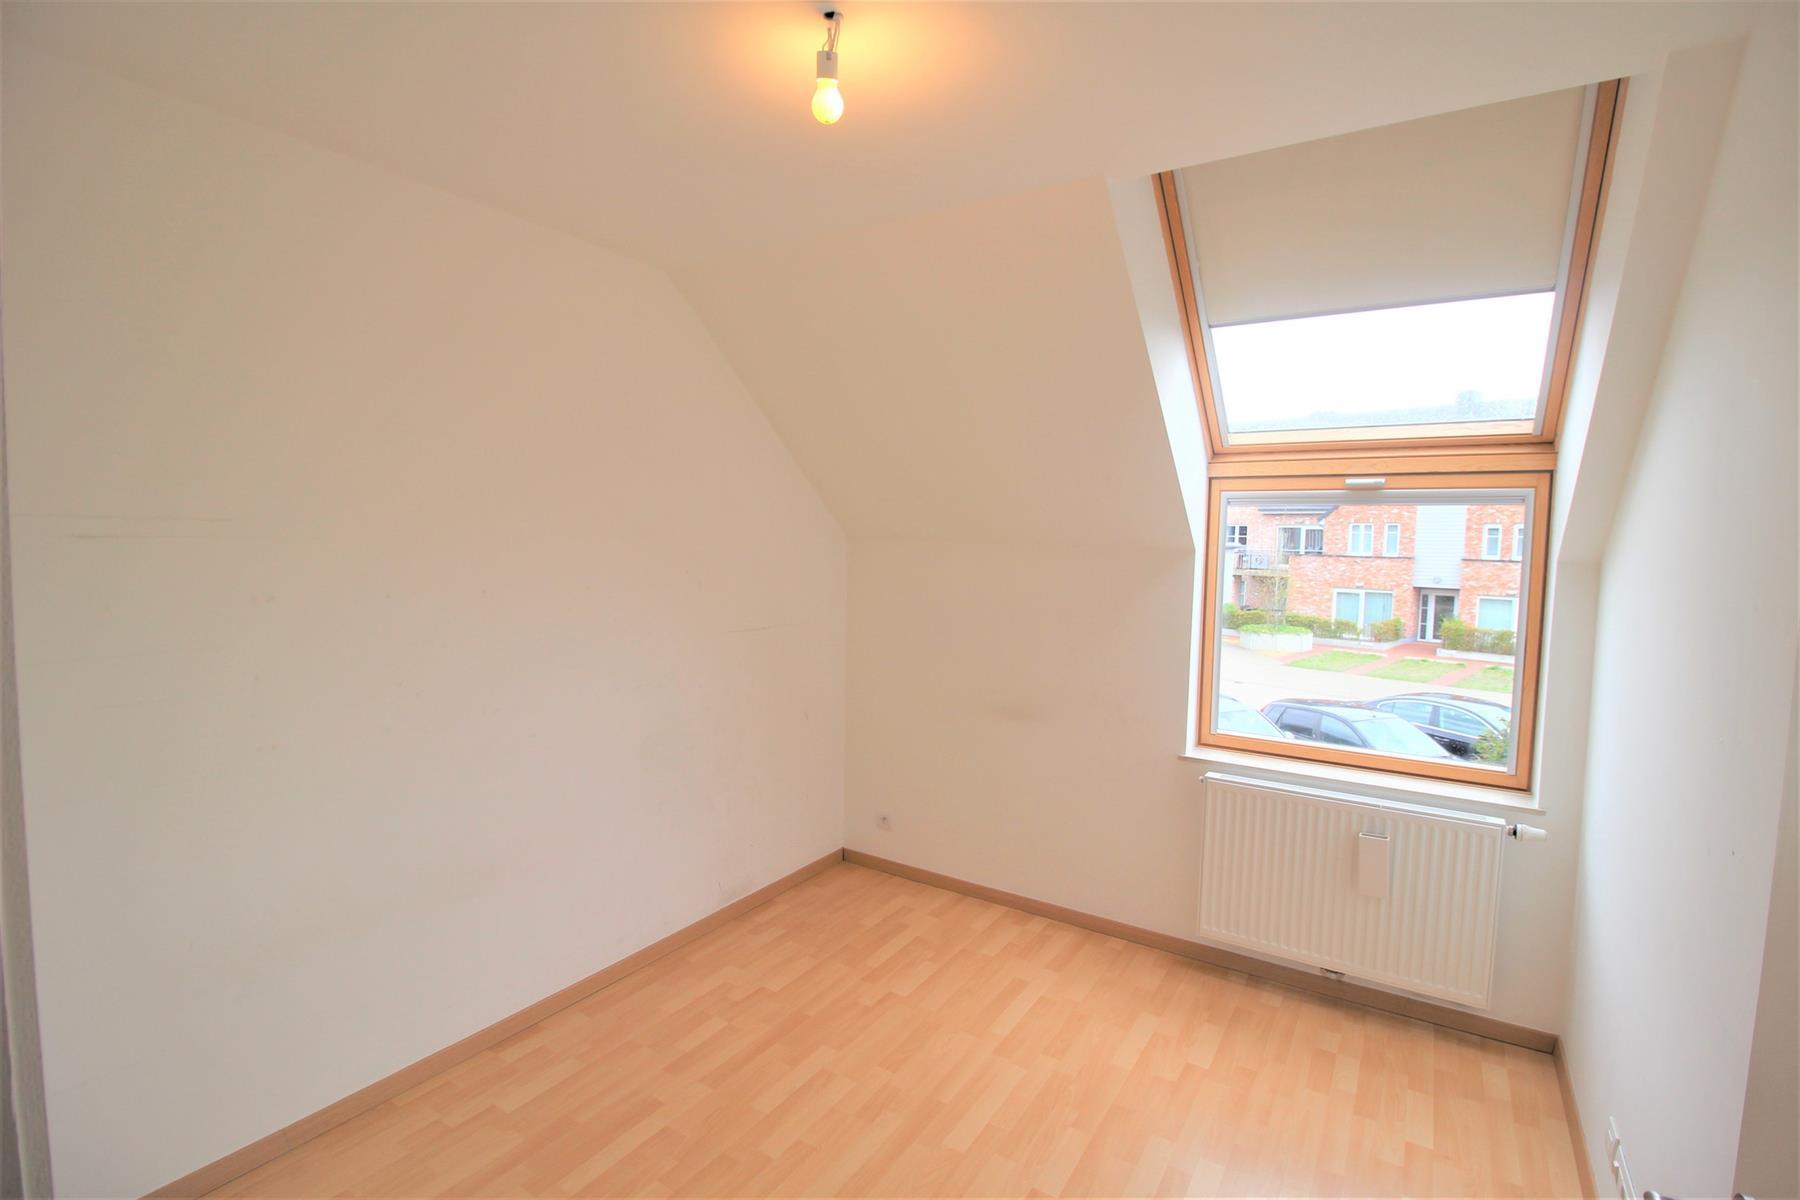 Appartement - Grez-Doiceau - #4163133-14